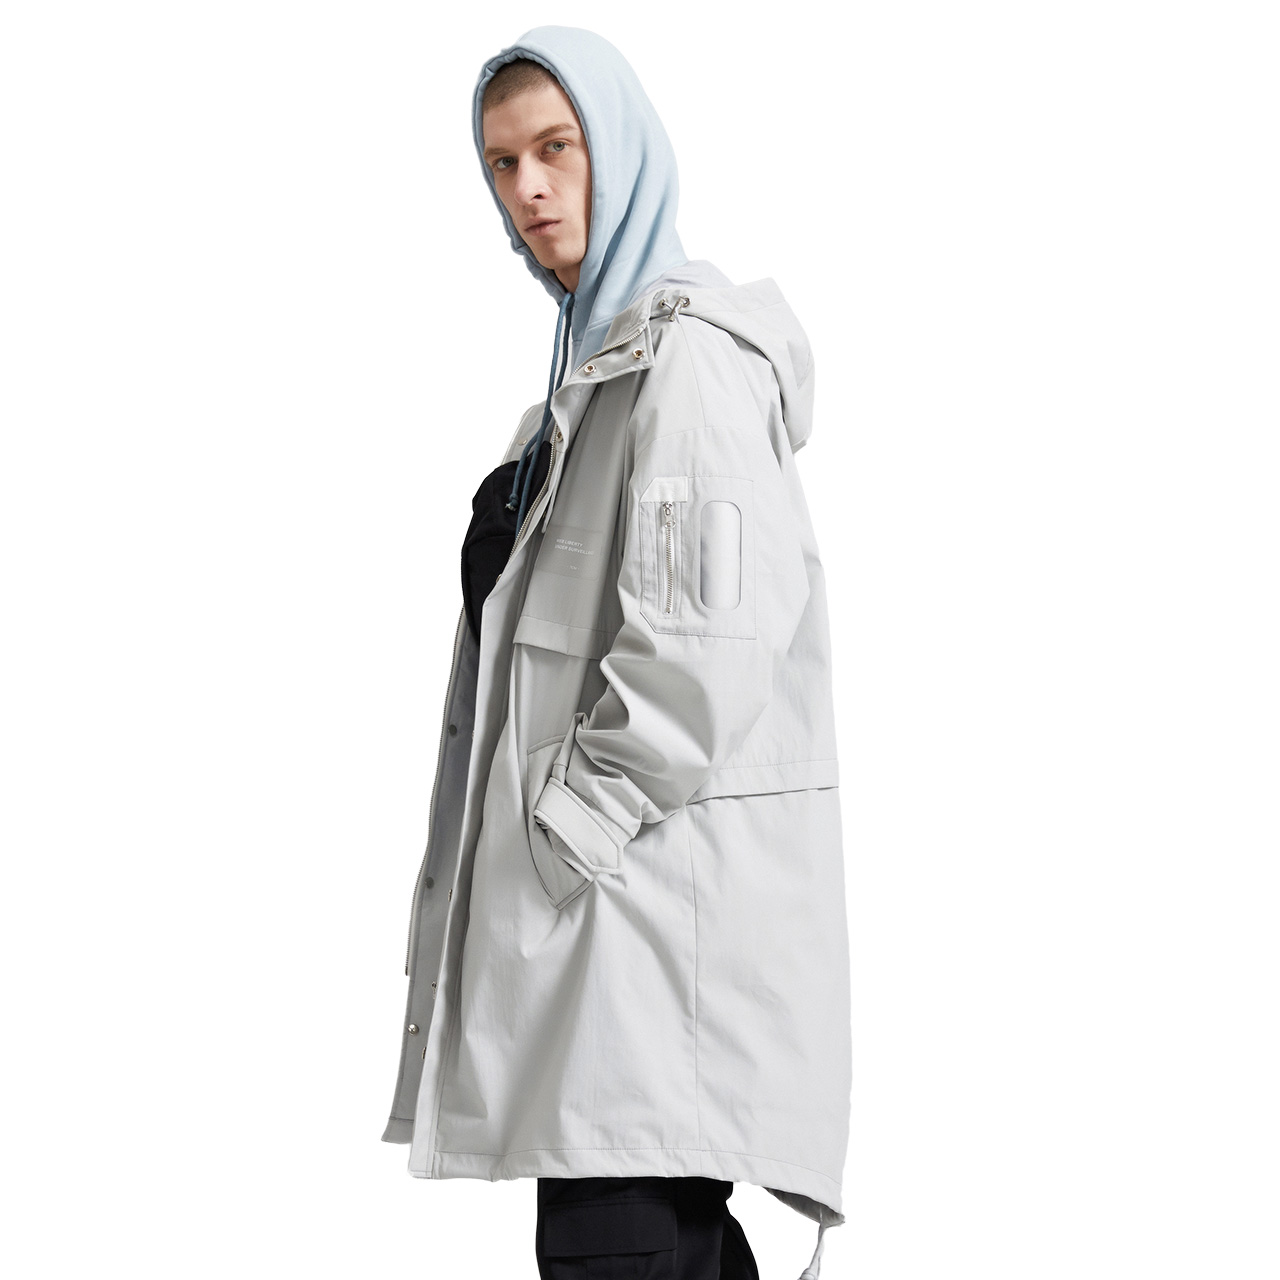 Lilbetter风衣男 连帽中长款夹克时尚休闲学生秋装大衣男士外套潮